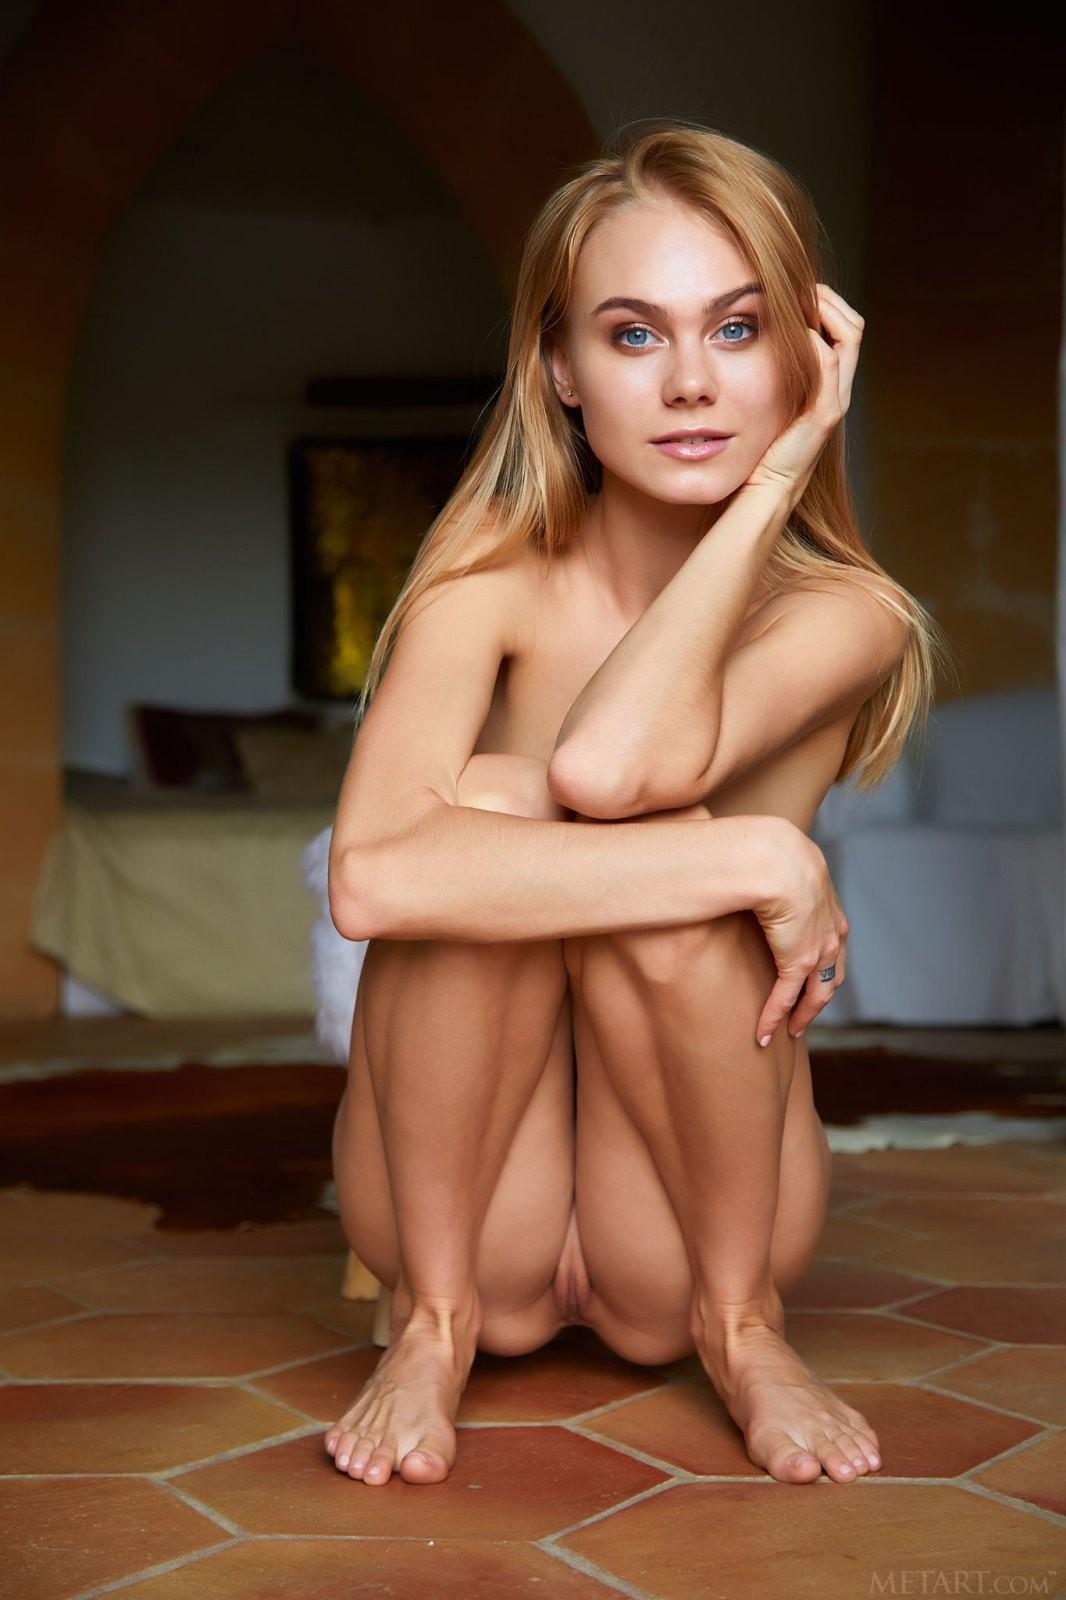 Худышка без нижнего белья раком на полу - фото